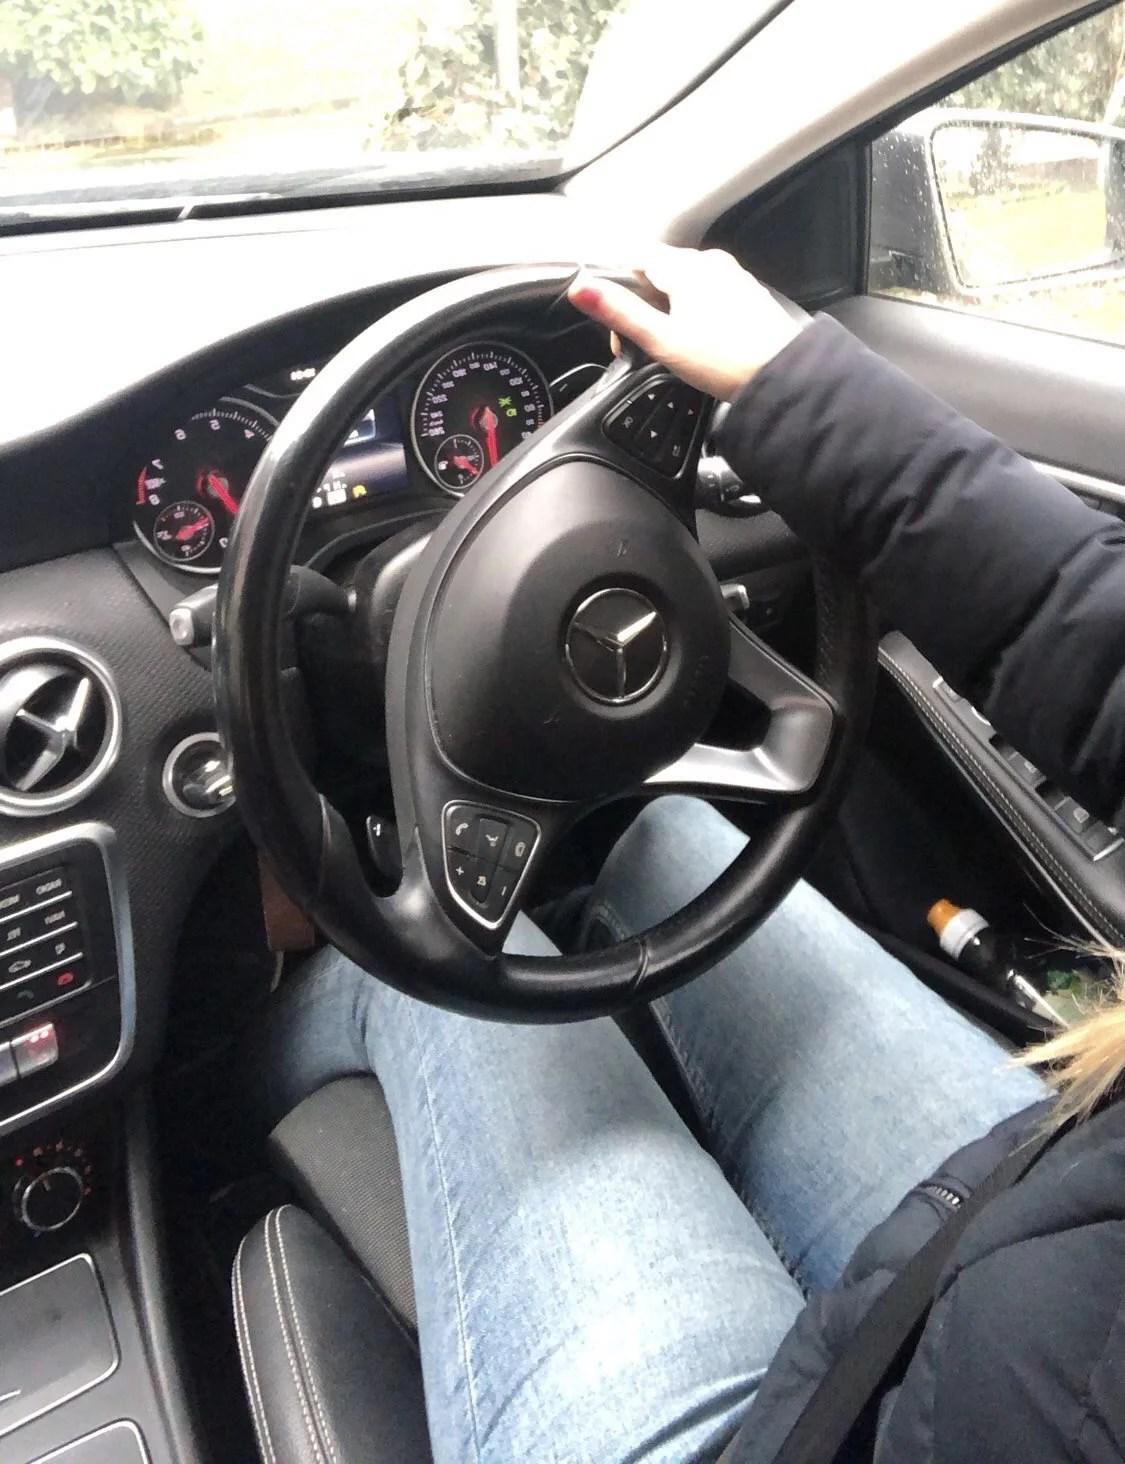 Reisen mit dem Auto